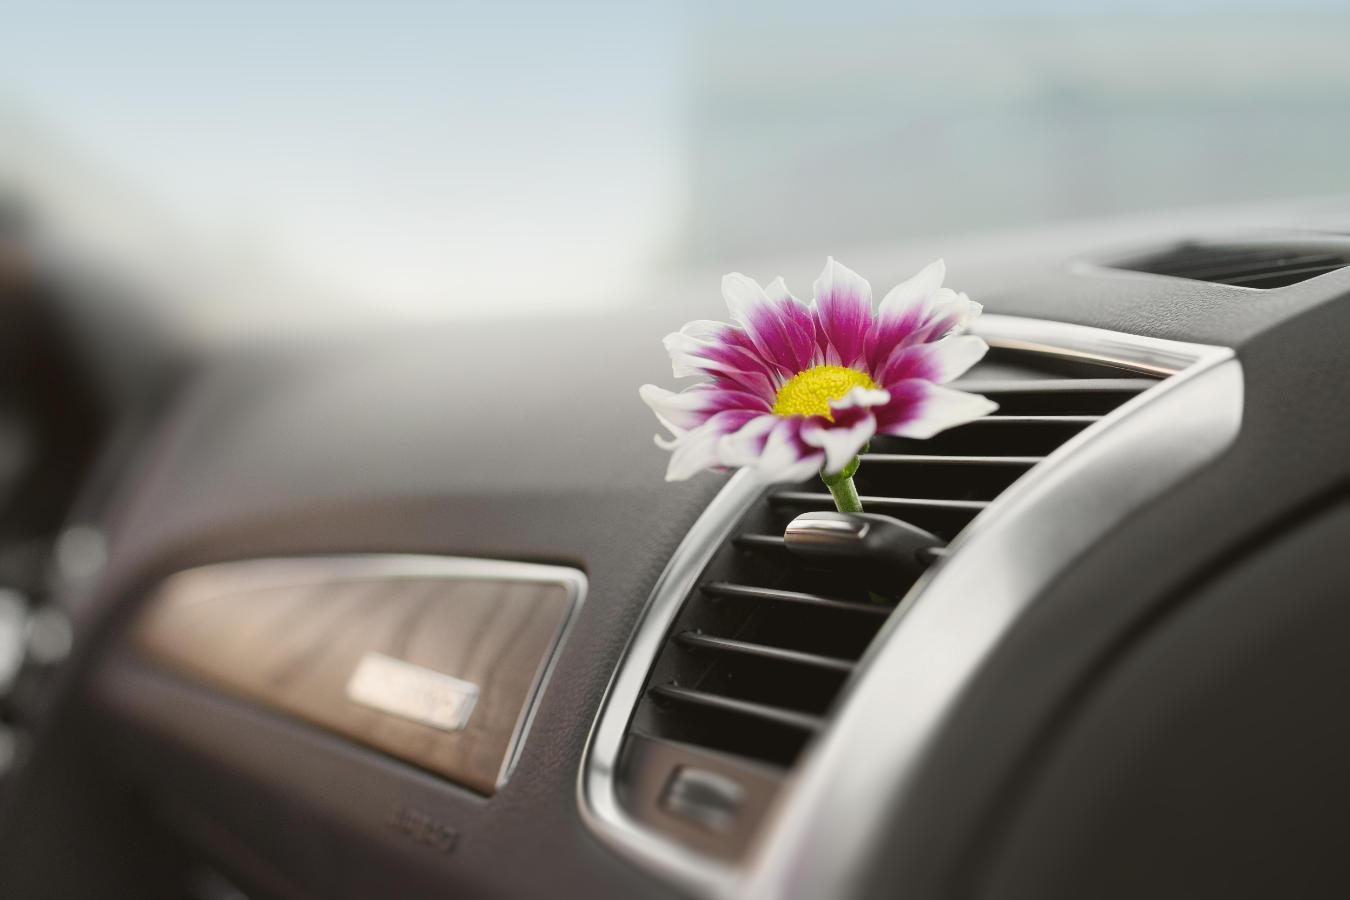 Jaki zapach do samochodu będzie dobrym wyborem? Na co warto zwrócić uwagę, wybierając zapach do auta?